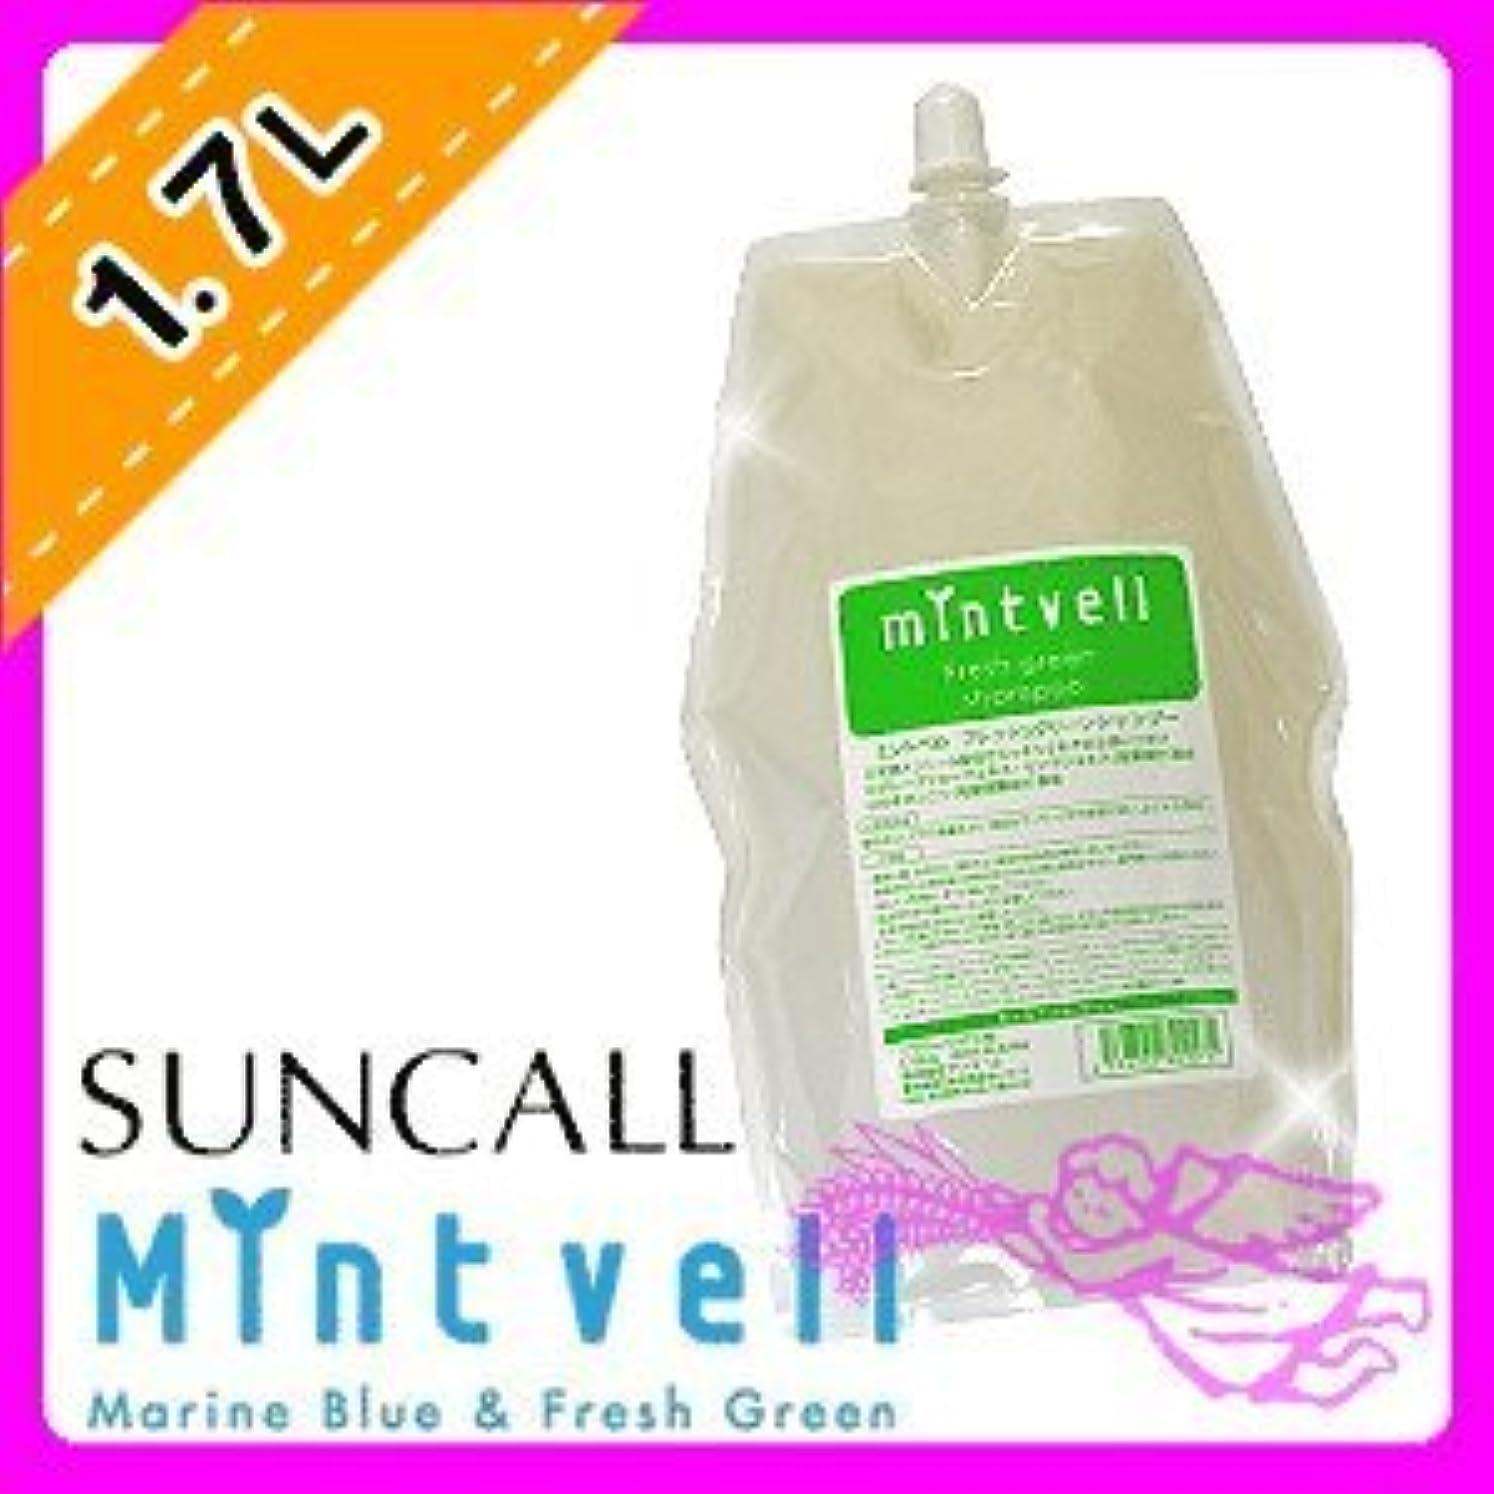 結果デッキ信じられないサンコール ミントベル フレッシュグリーン シャンプー <1700mL> 詰め替え用 SUNCALL mintvell メントール